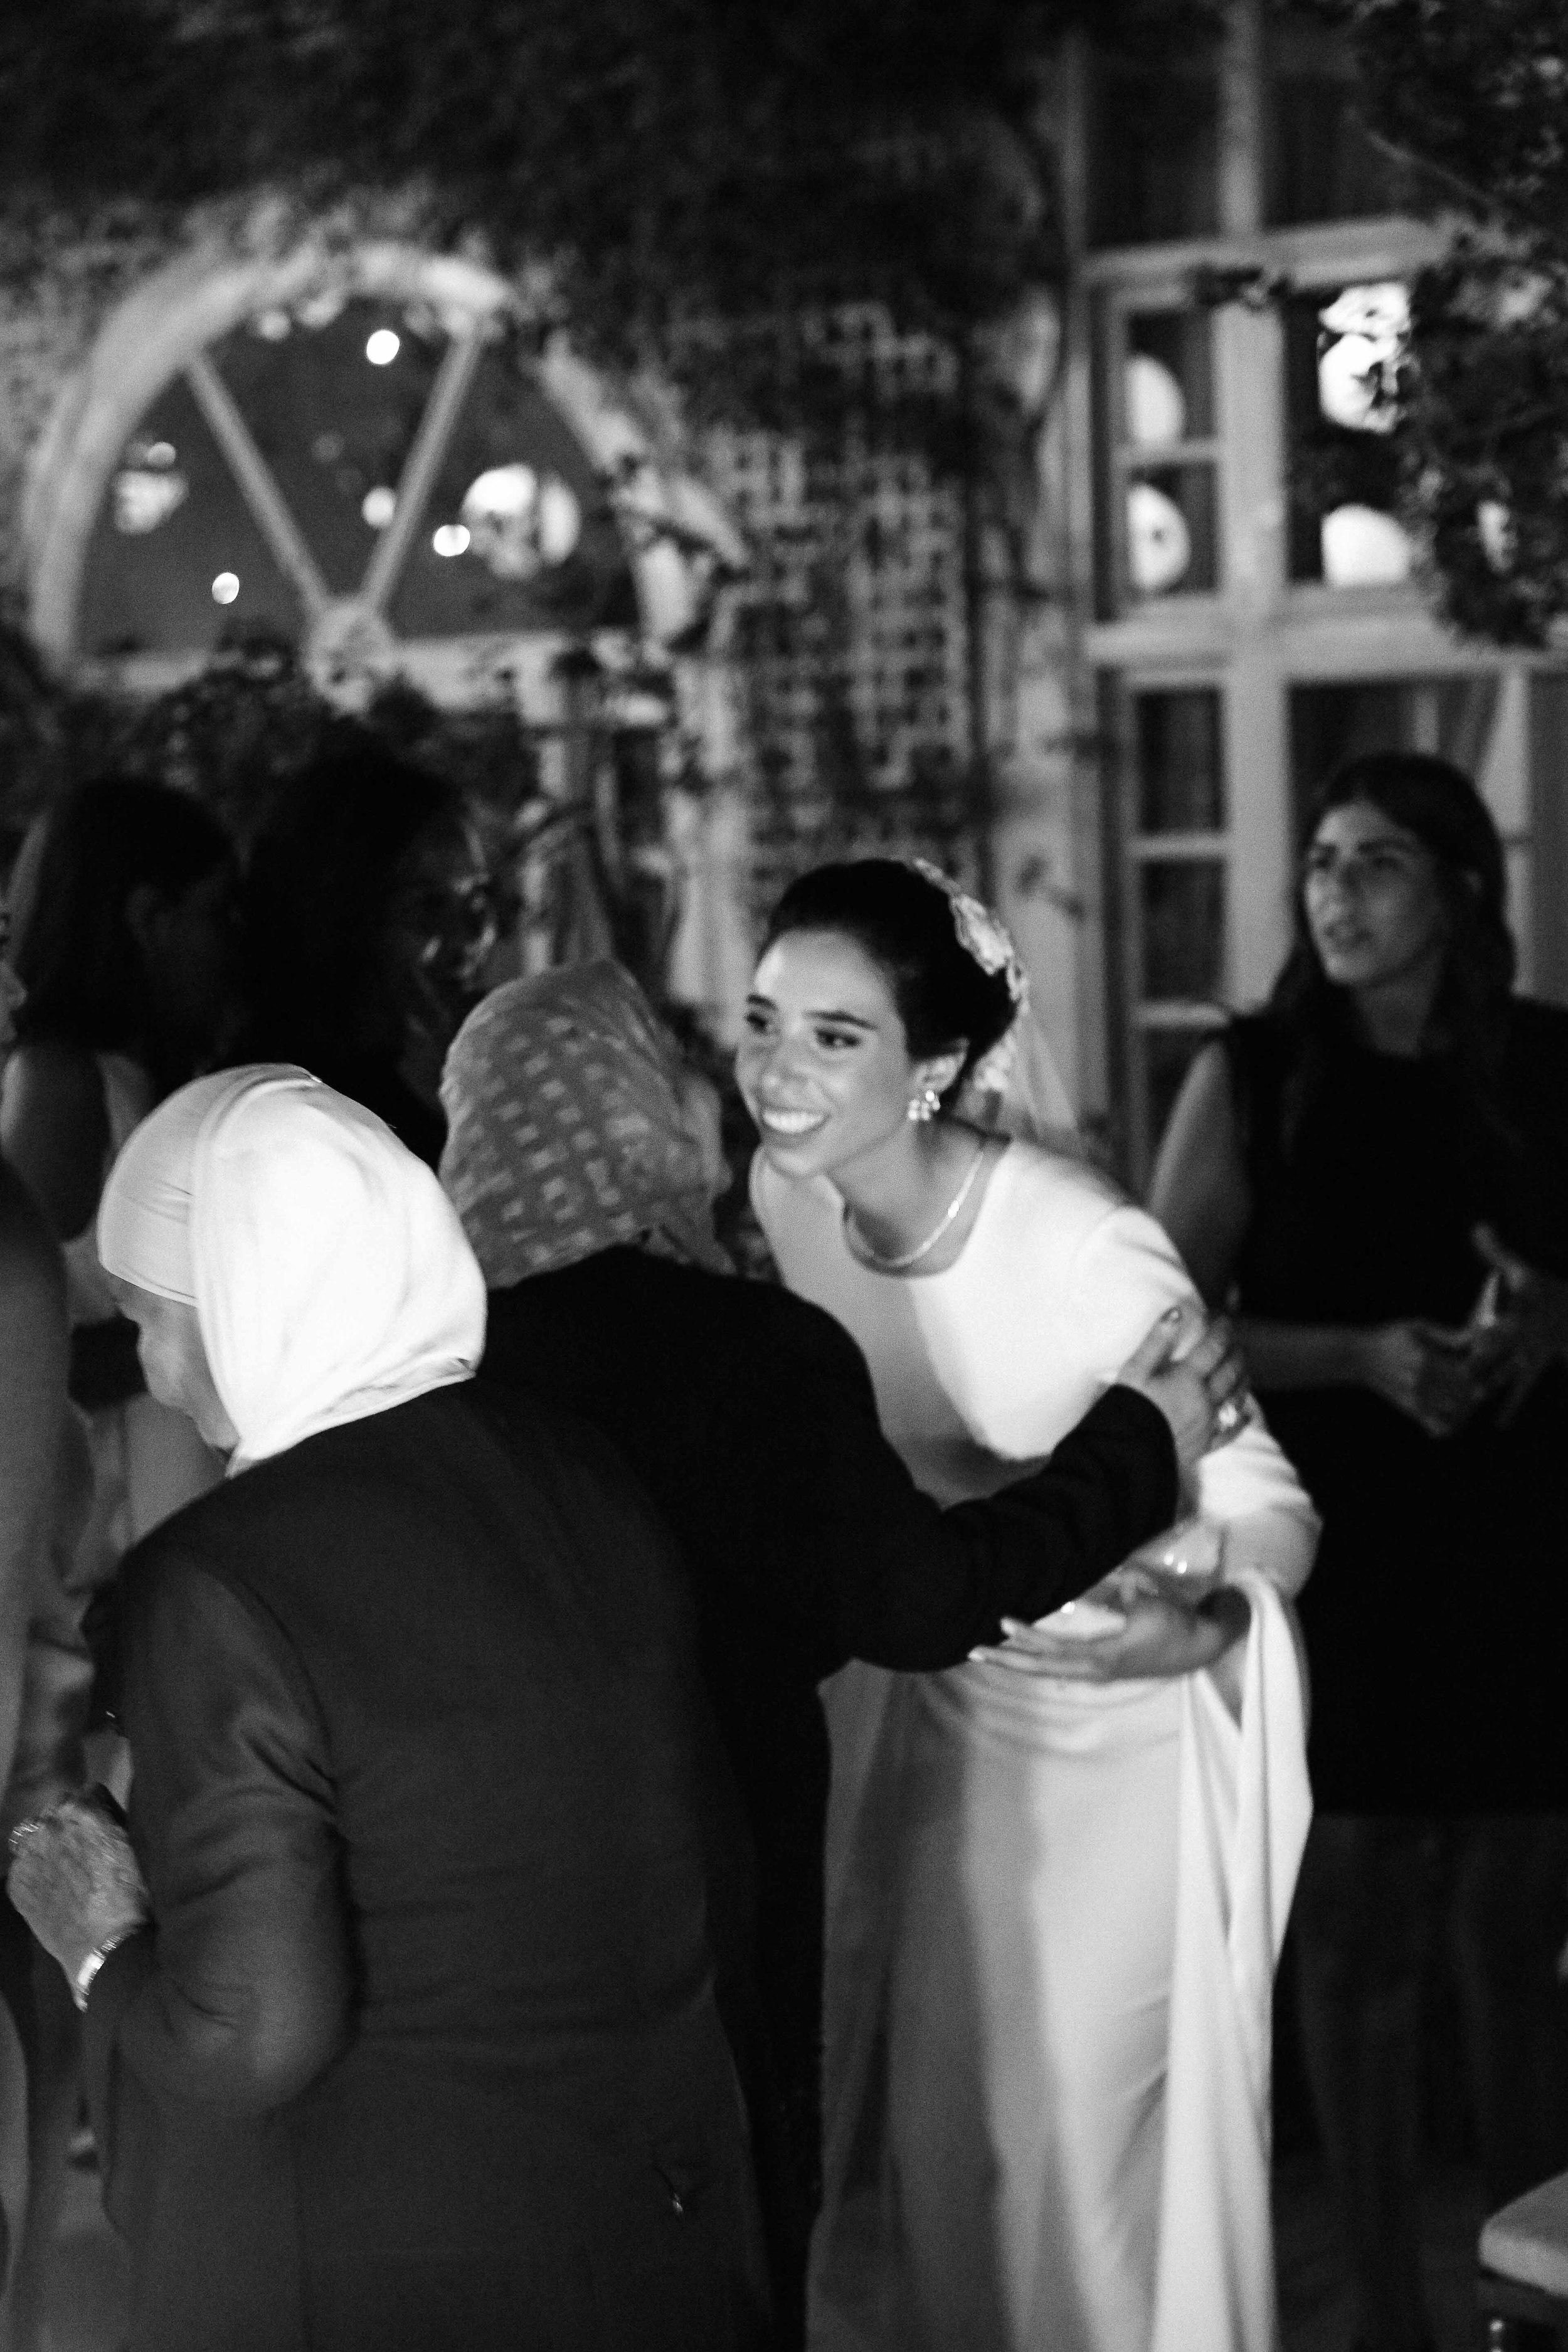 wedding-3125.jpg